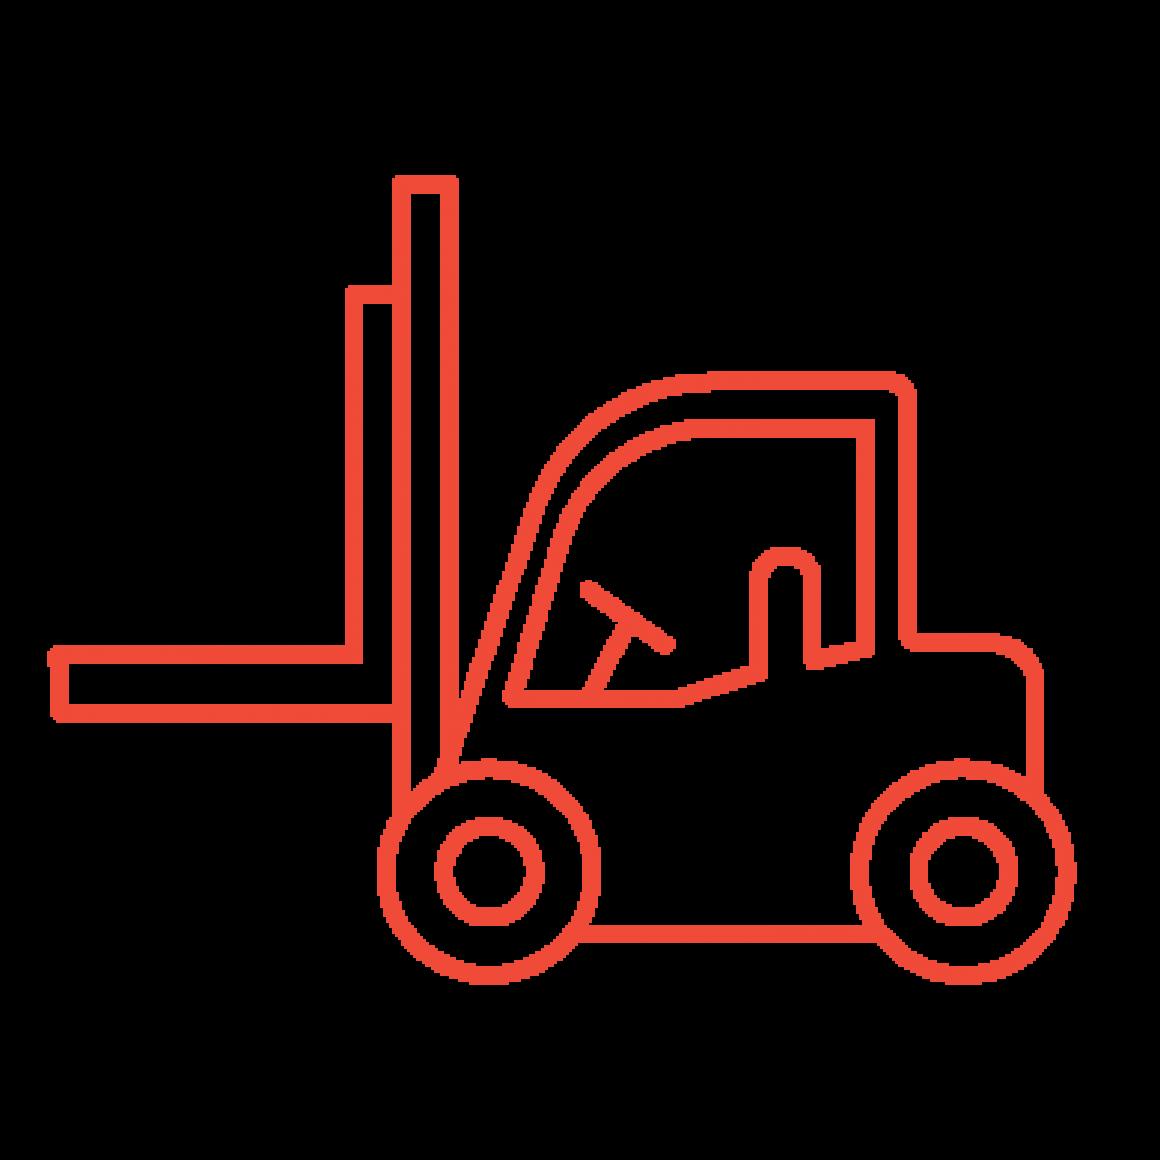 Forklift - Teleporter - Telehandler - Cherry Picker - Plant machinery